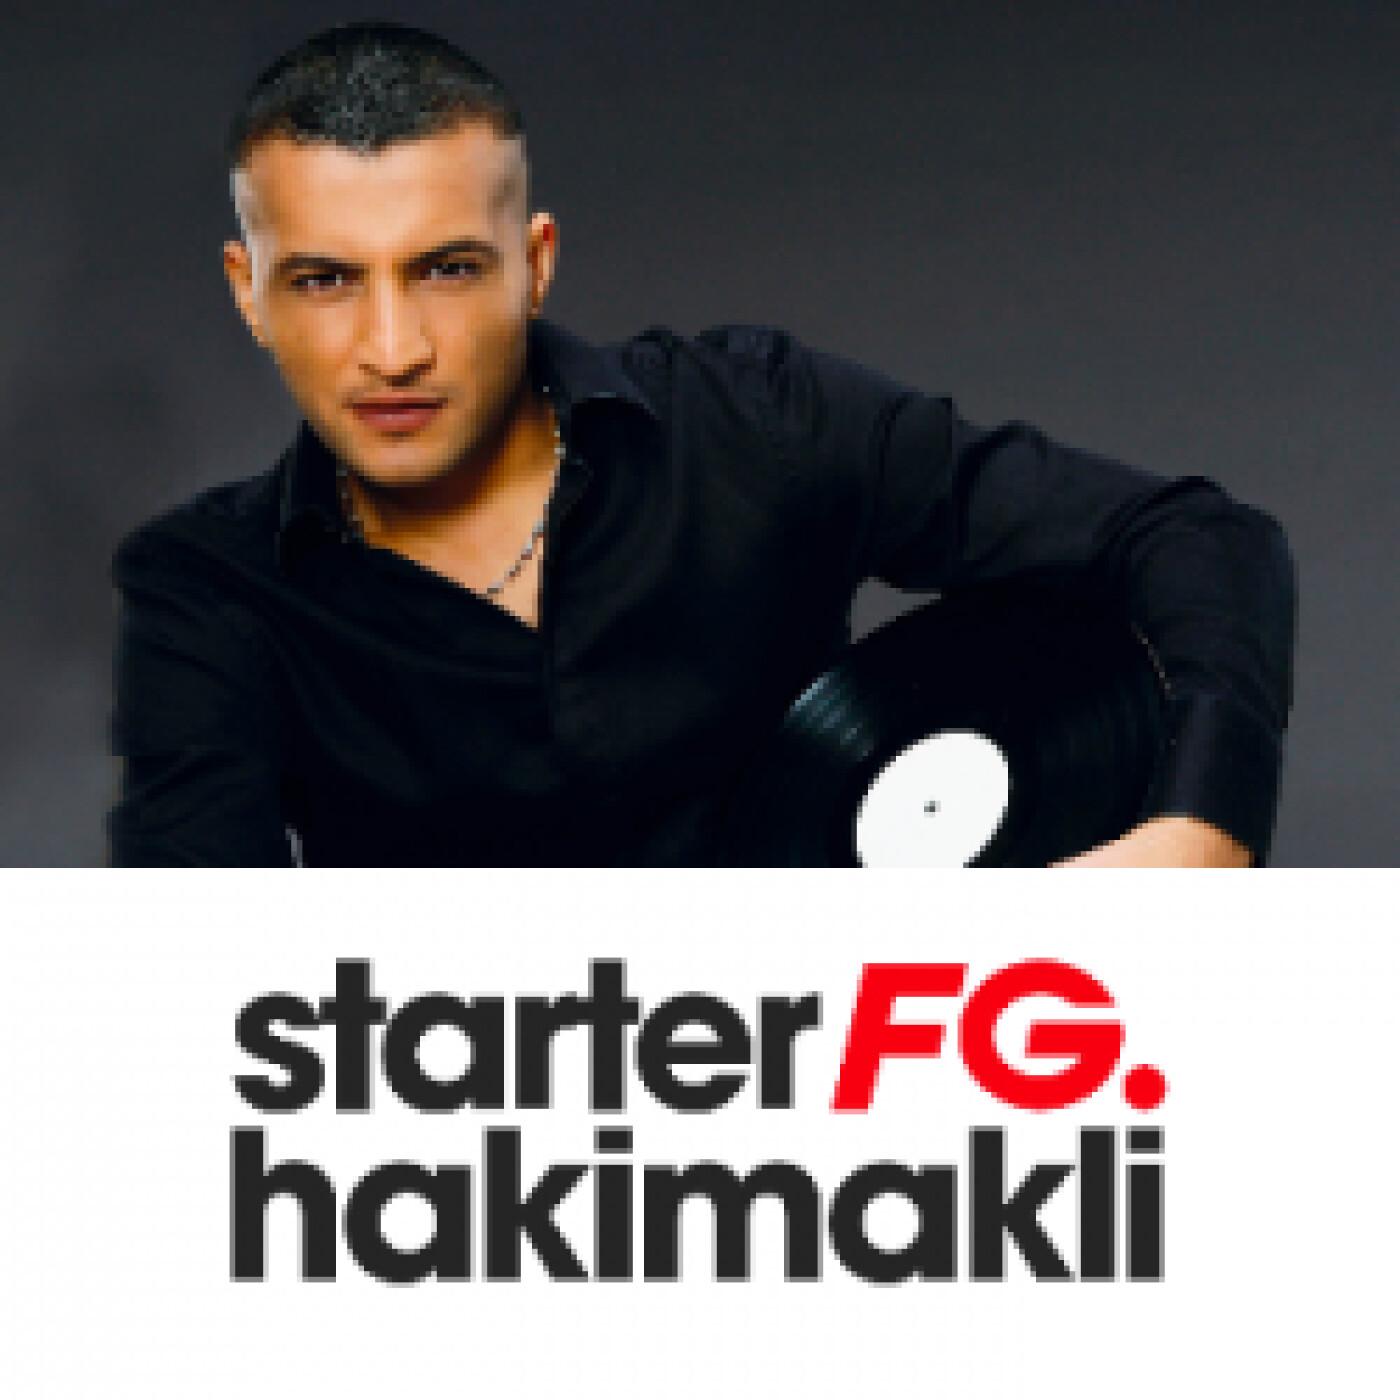 STARTER FG BY HAKIMAKLI JEUDI 11 FEVRIER 2021